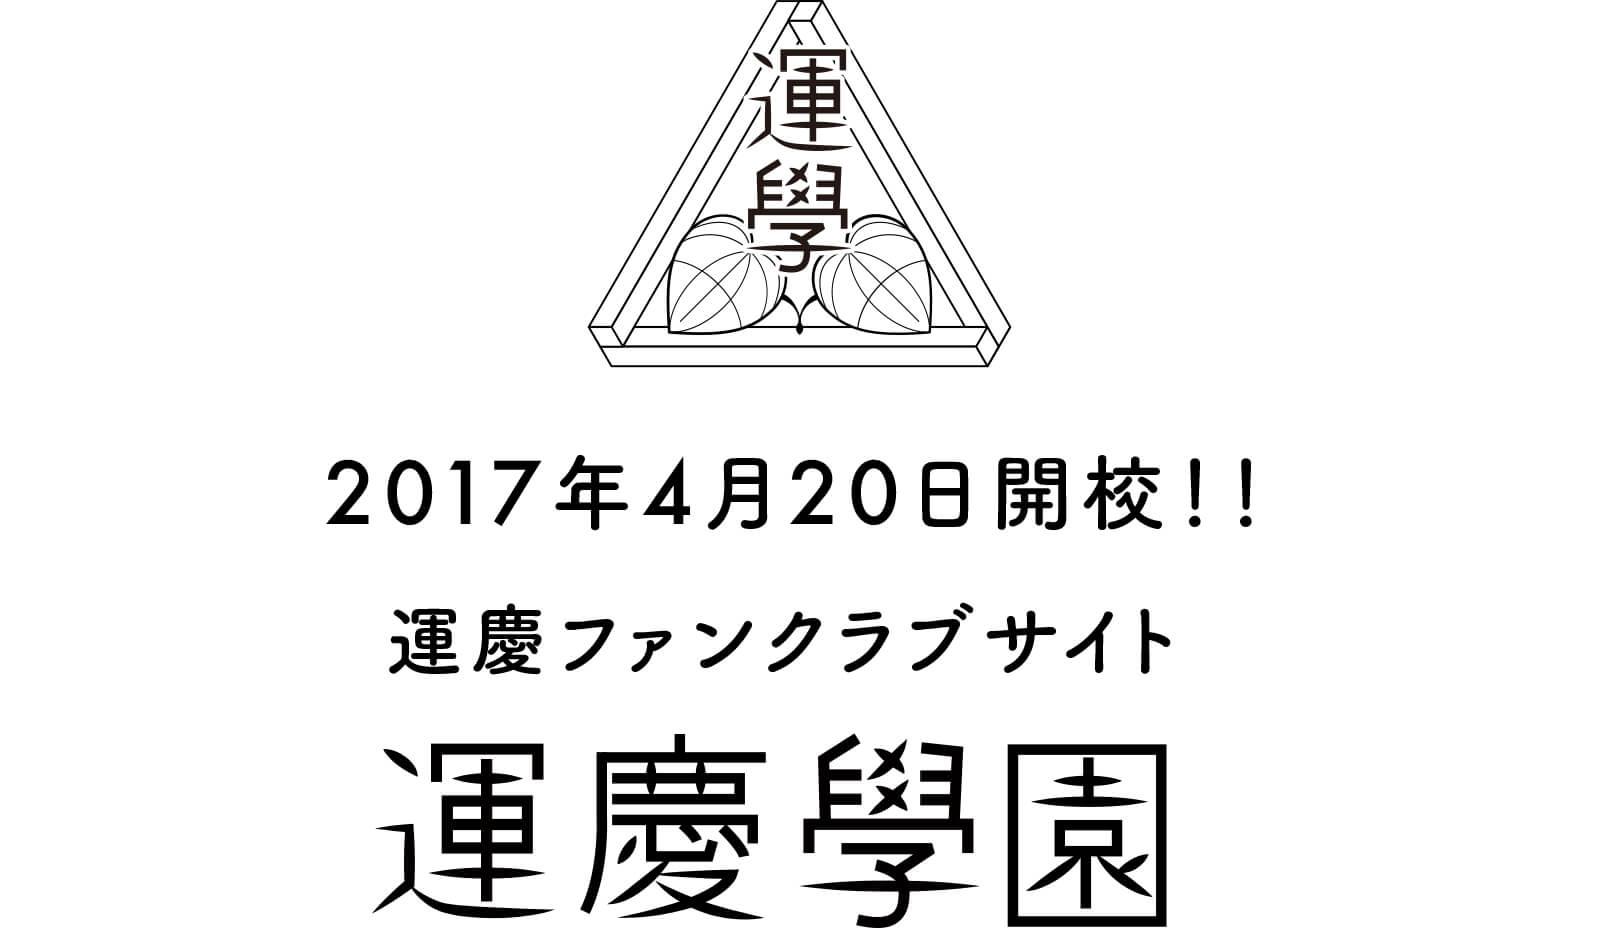 2017年4月20日開校!!!運慶ファンサイト「運慶学園」